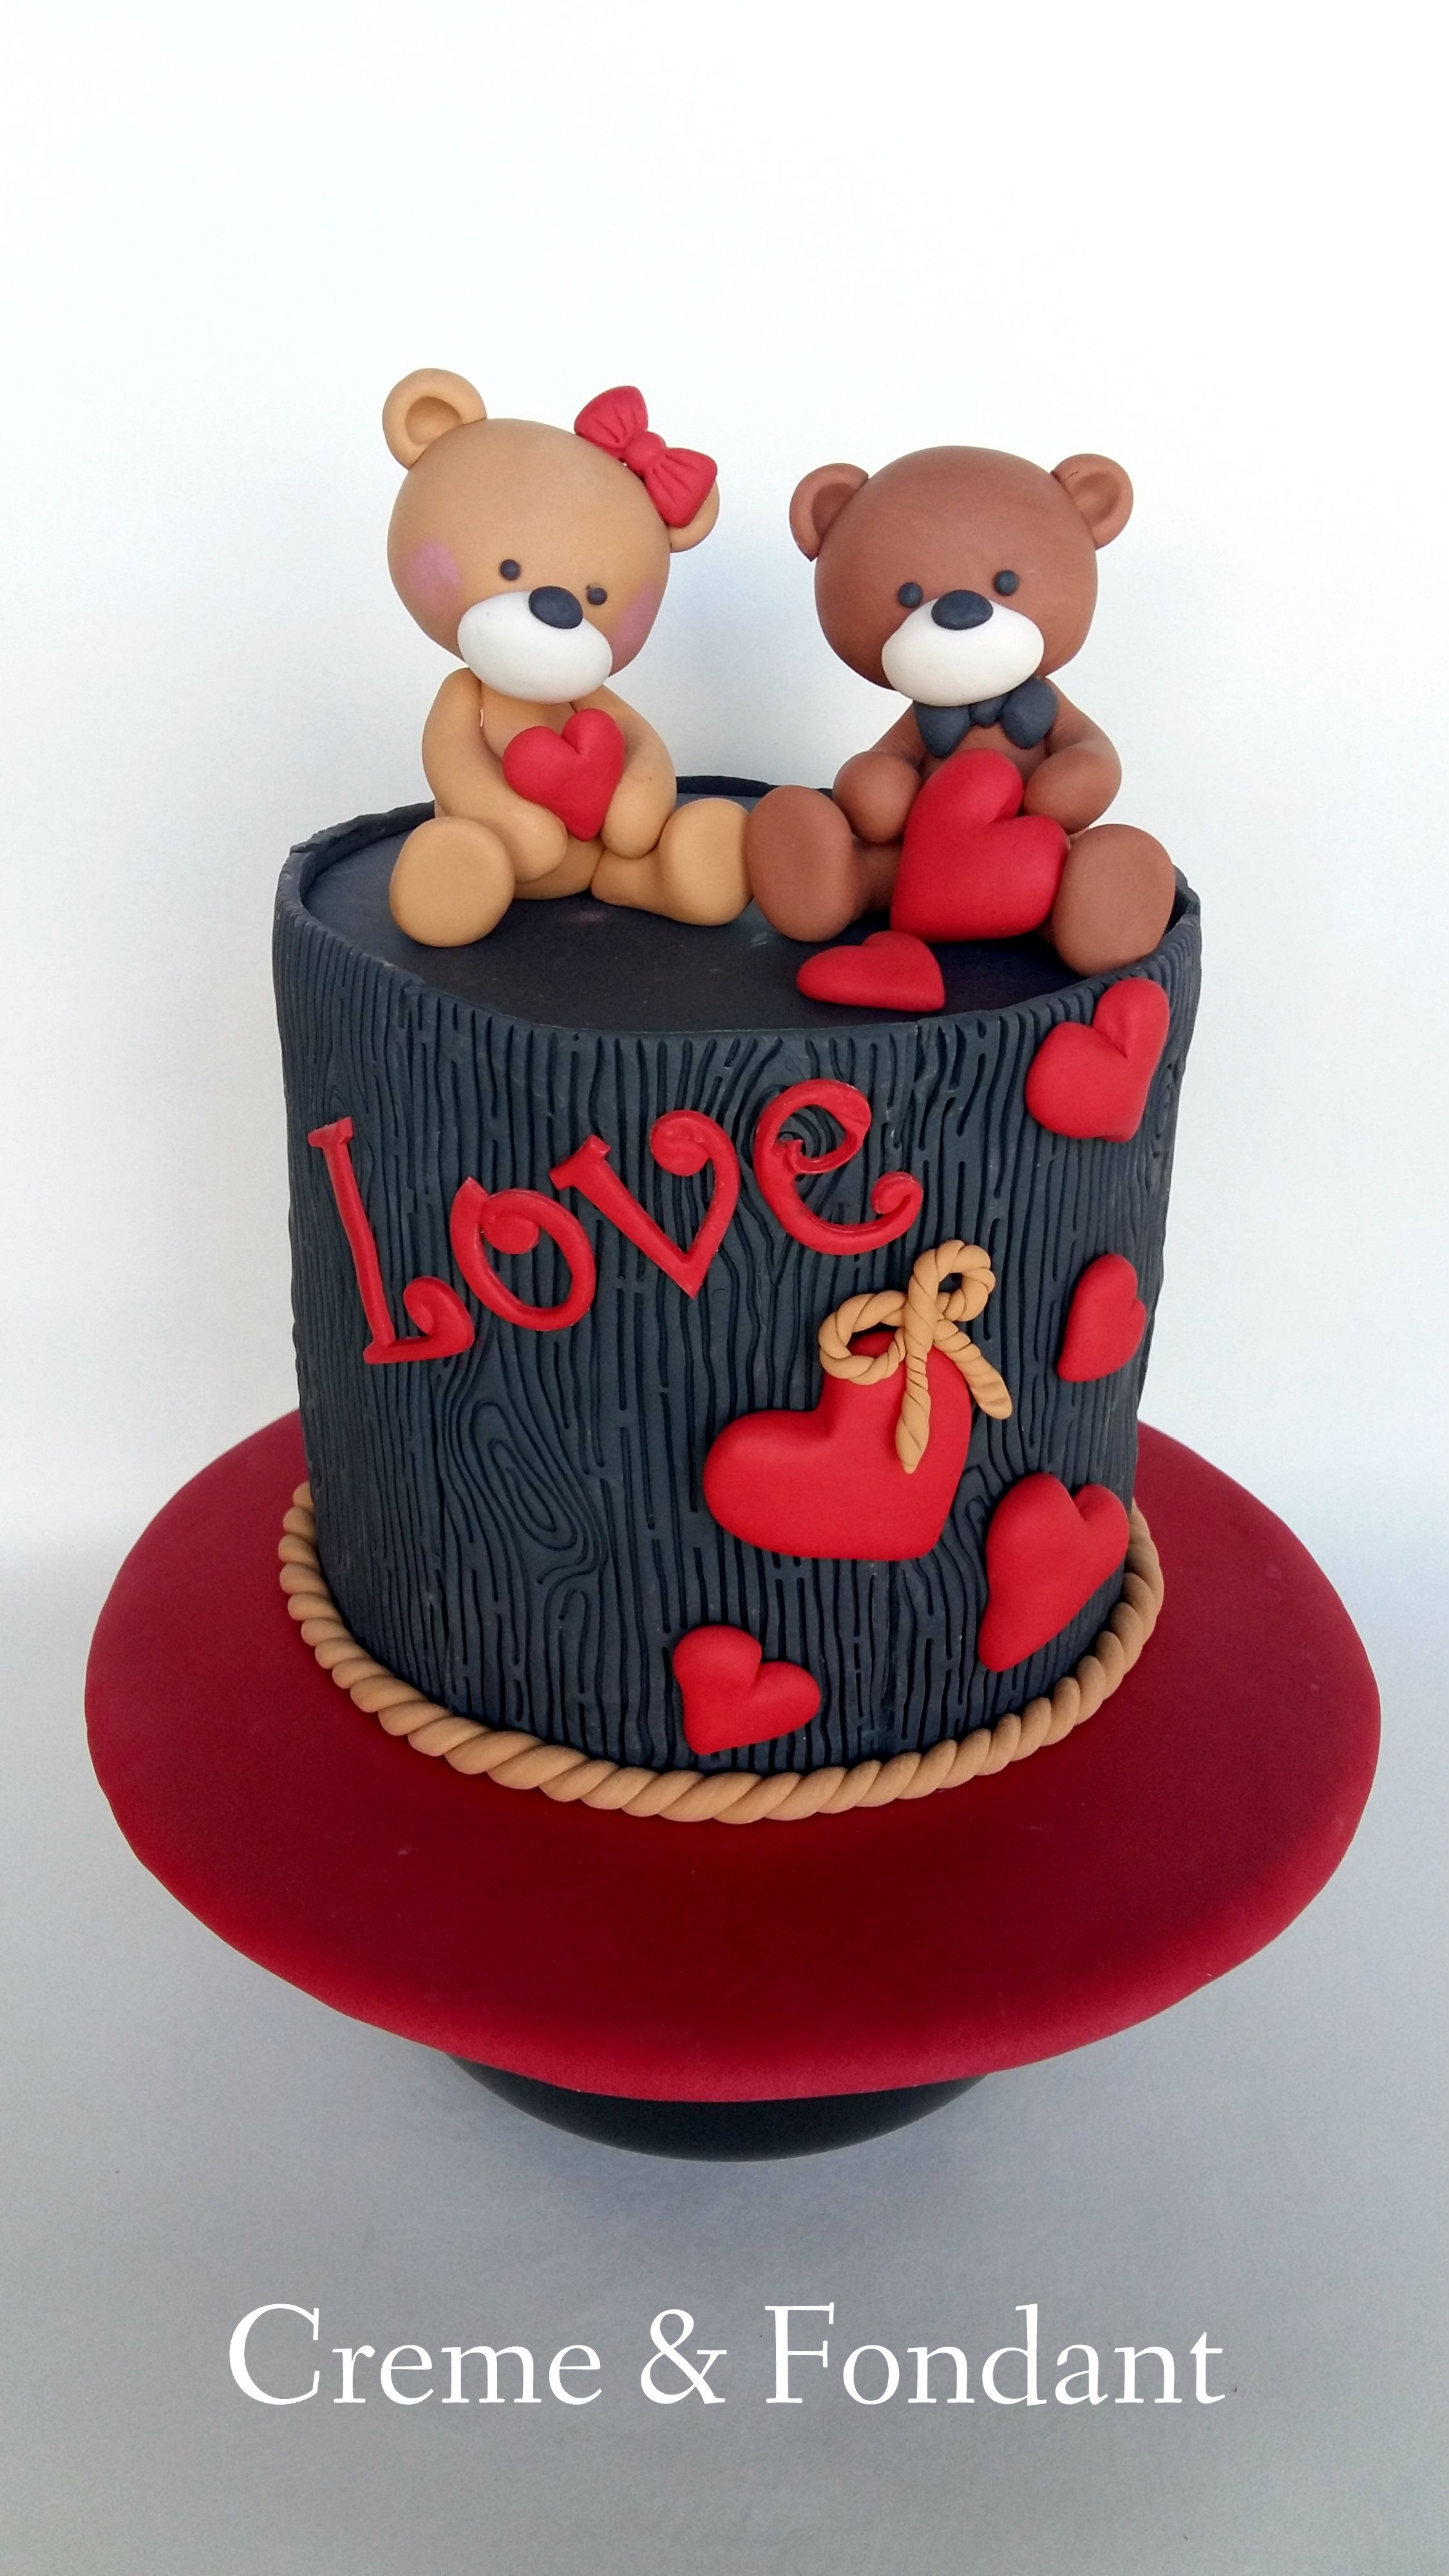 Teddy In Love Cake Fondant Cake Designs Valentine Cake Cake